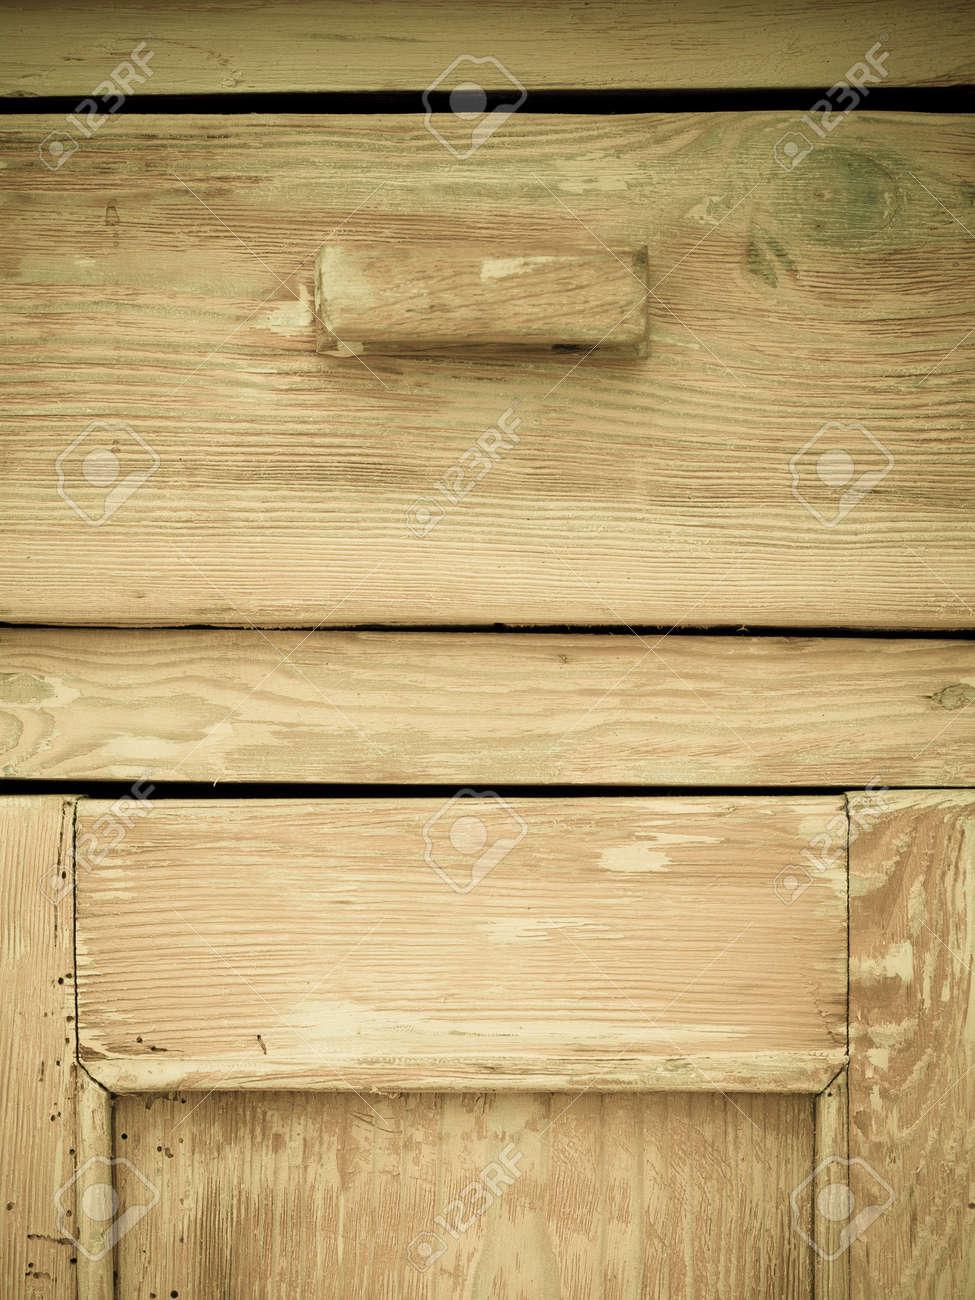 Mobelteil Retro Stil Nahaufnahme Von Vintage Holz Kuchenschrank Oder Schrank Als Hintergrund Lizenzfreie Fotos Bilder Und Stock Fotografie Image 28063345